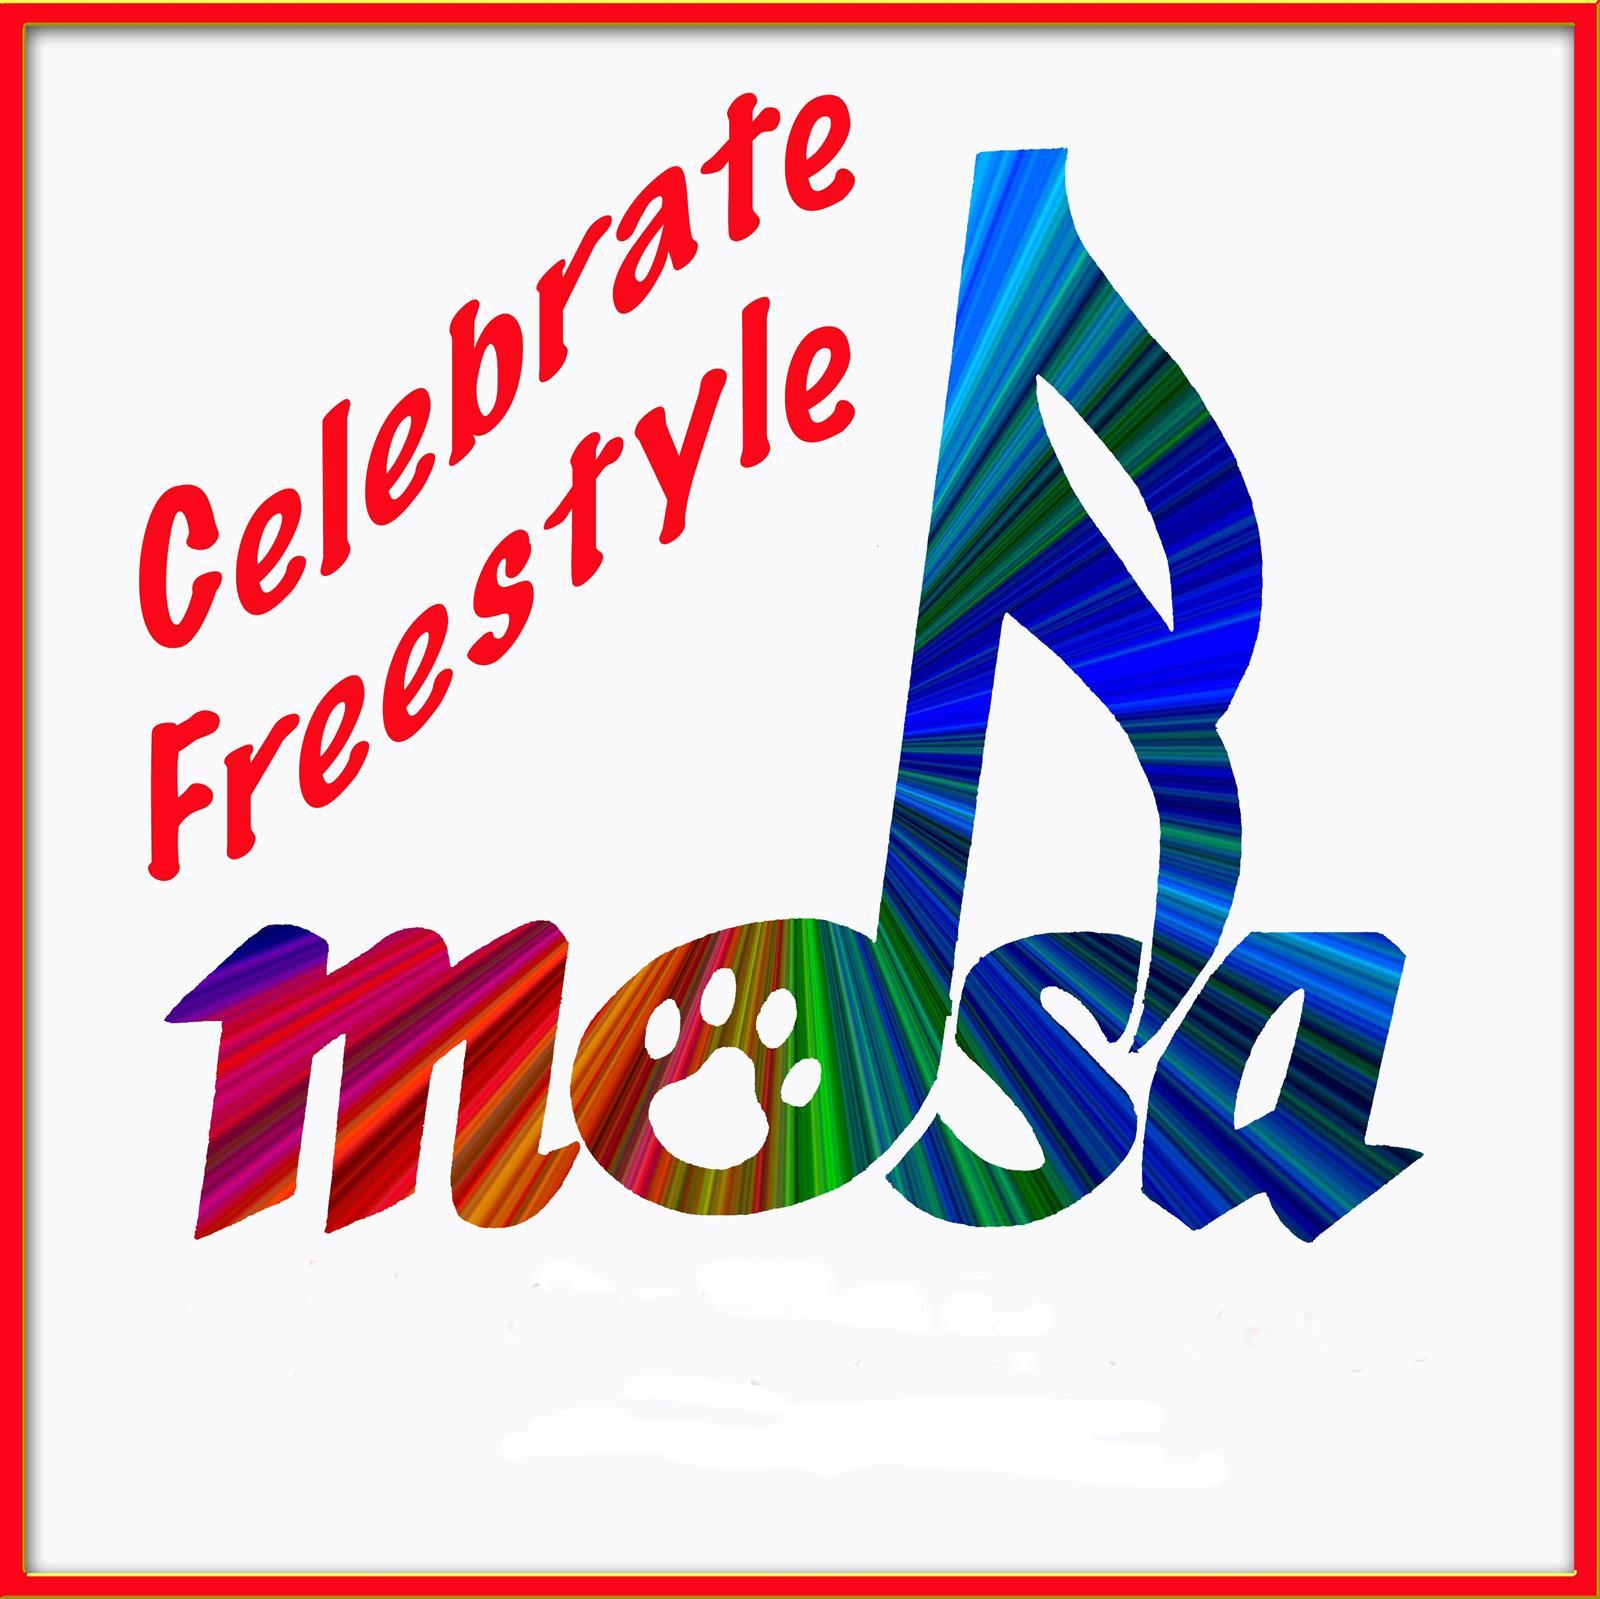 MDSA_LogoColorsFRAMED2.jpg